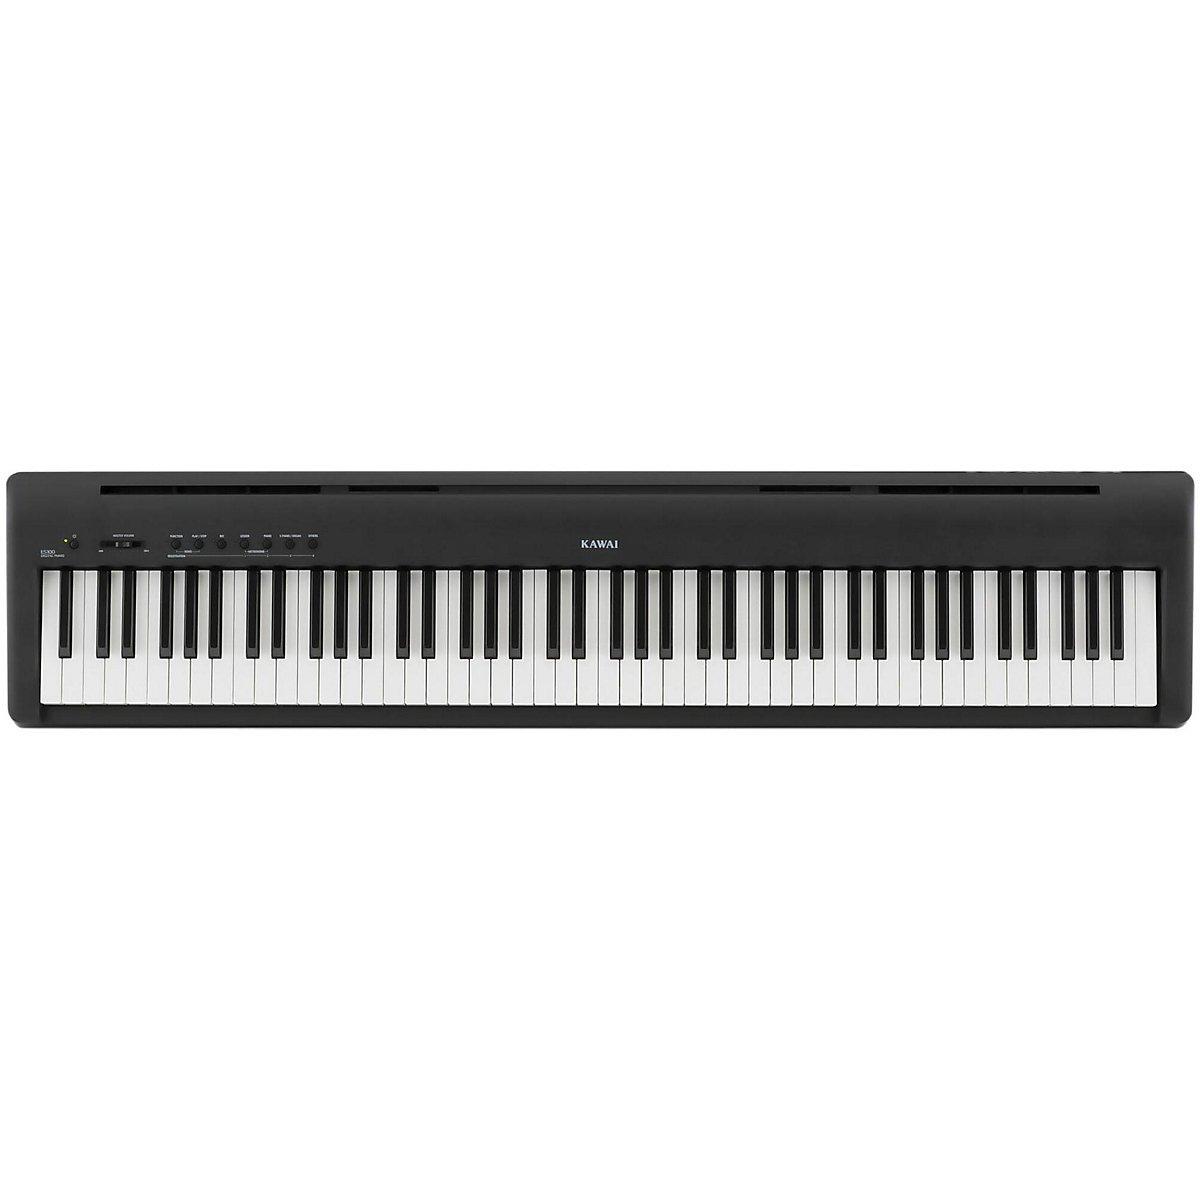 kawai es100 88 key digital piano review. Black Bedroom Furniture Sets. Home Design Ideas